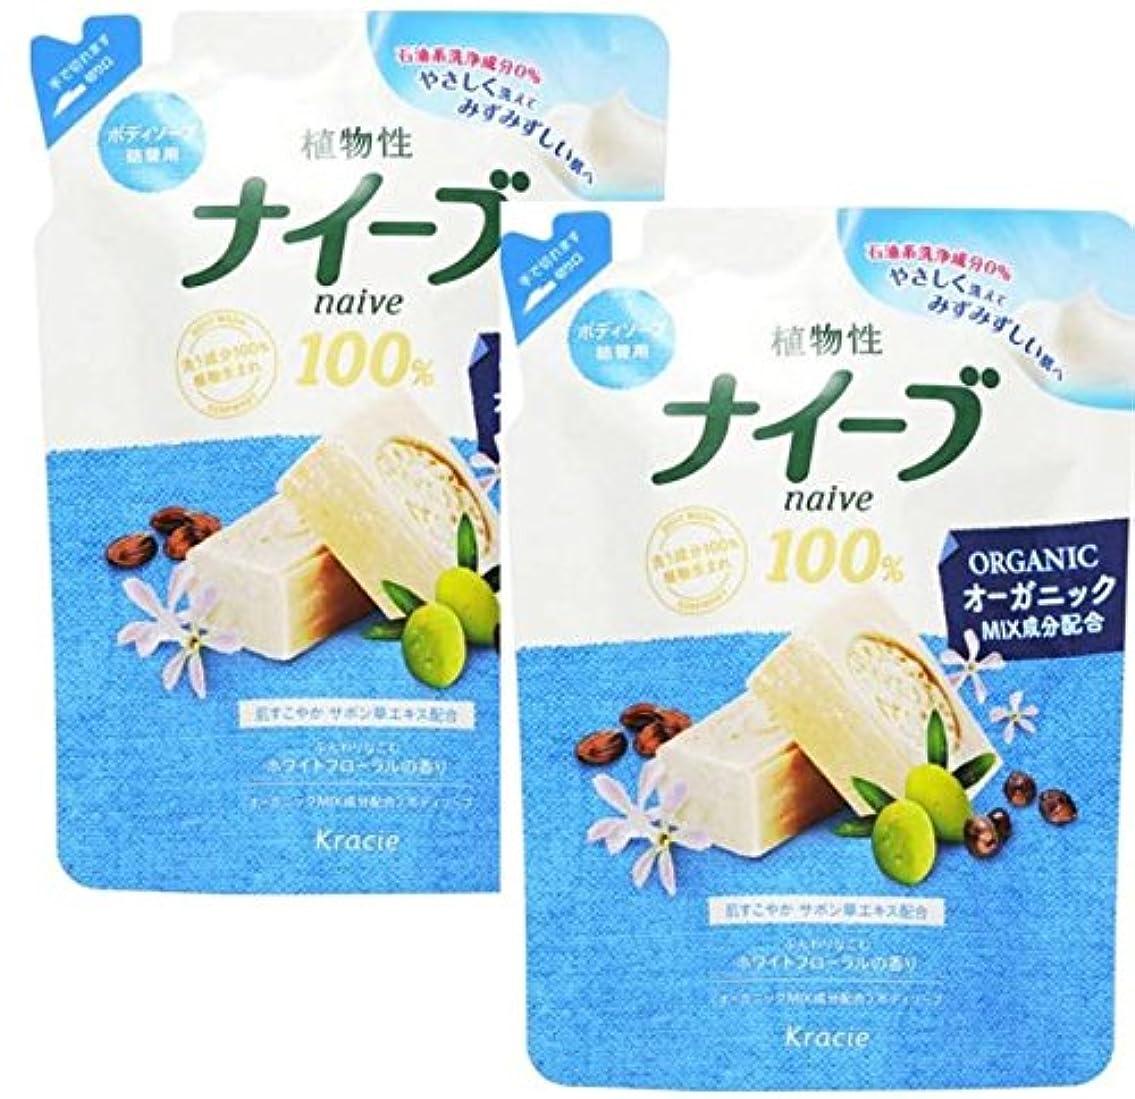 味付けプラススナップナイーブ ボディソープ サボン草エキス配合 詰替用 400ml / ホワイトフローラルの香り 【2点セット】